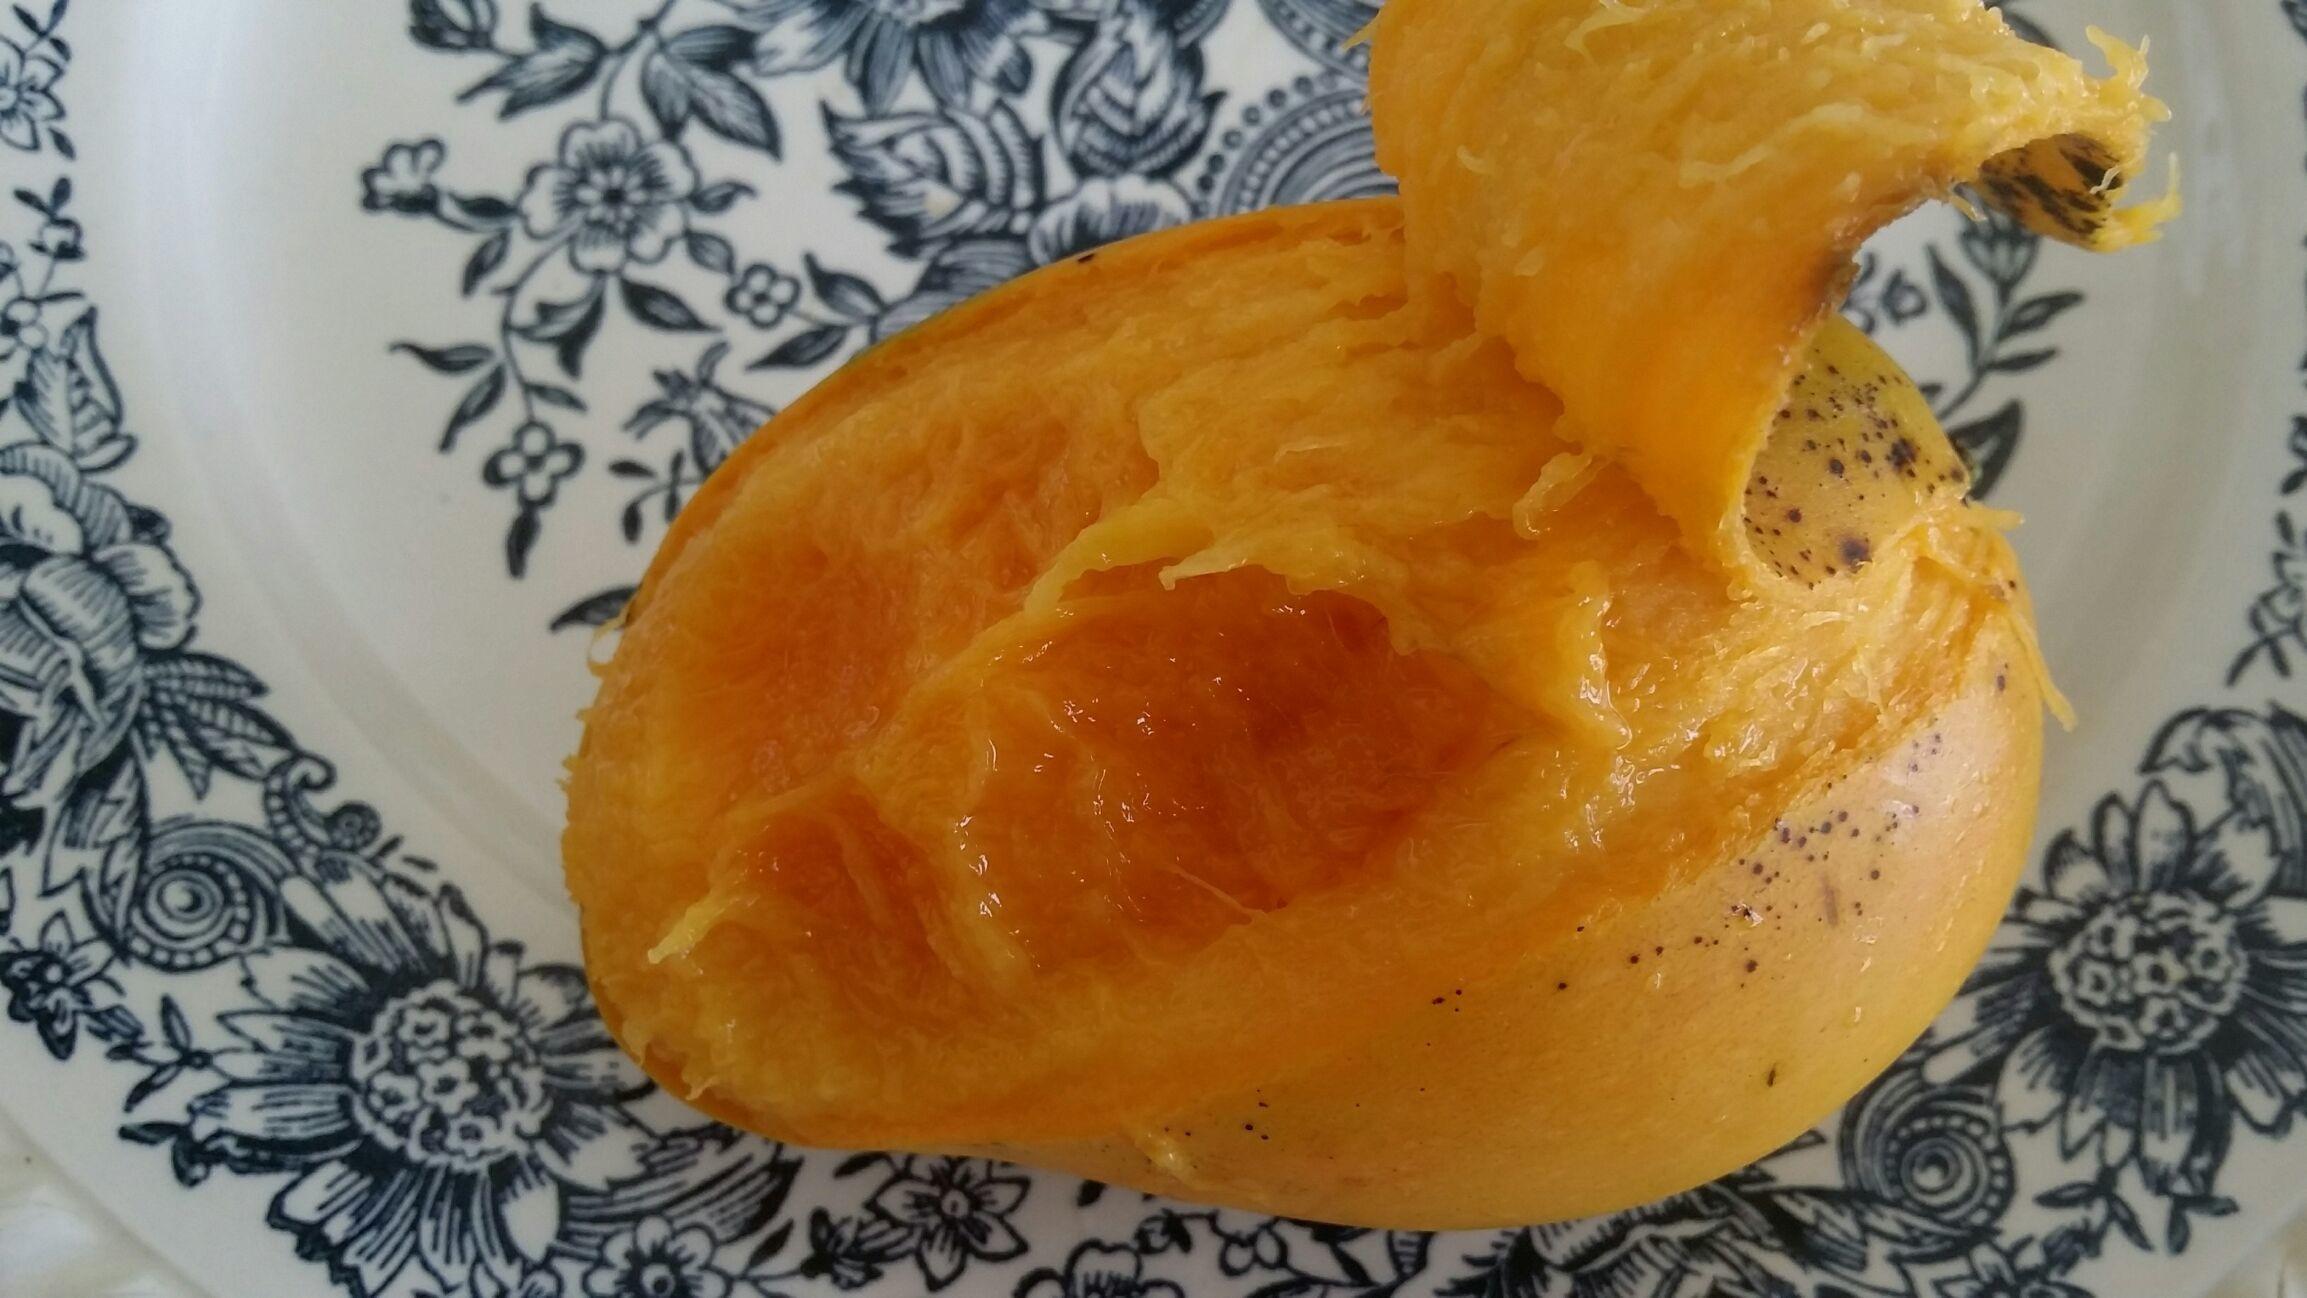 Even een fruit hapje, Tetee Manja, ofwel touw Manja. Draderig, maar heel erg lekker! Ook van de Ma-Retrâite markt, 5 voor 10 SRD.